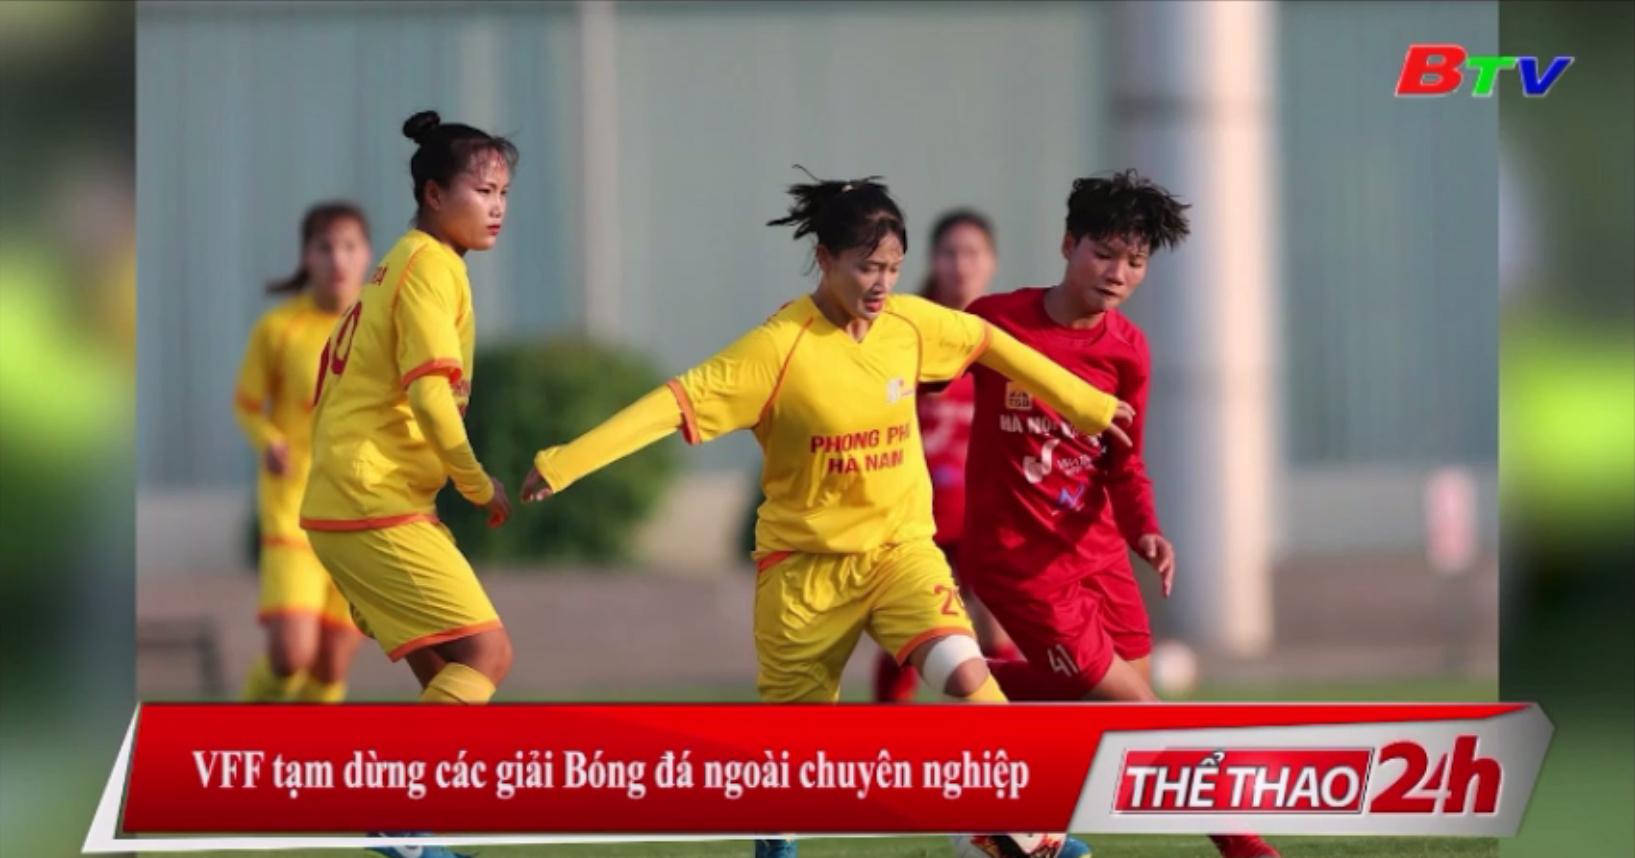 VFF tạm dừng các giải bóng đá ngoài chuyên nghiệp